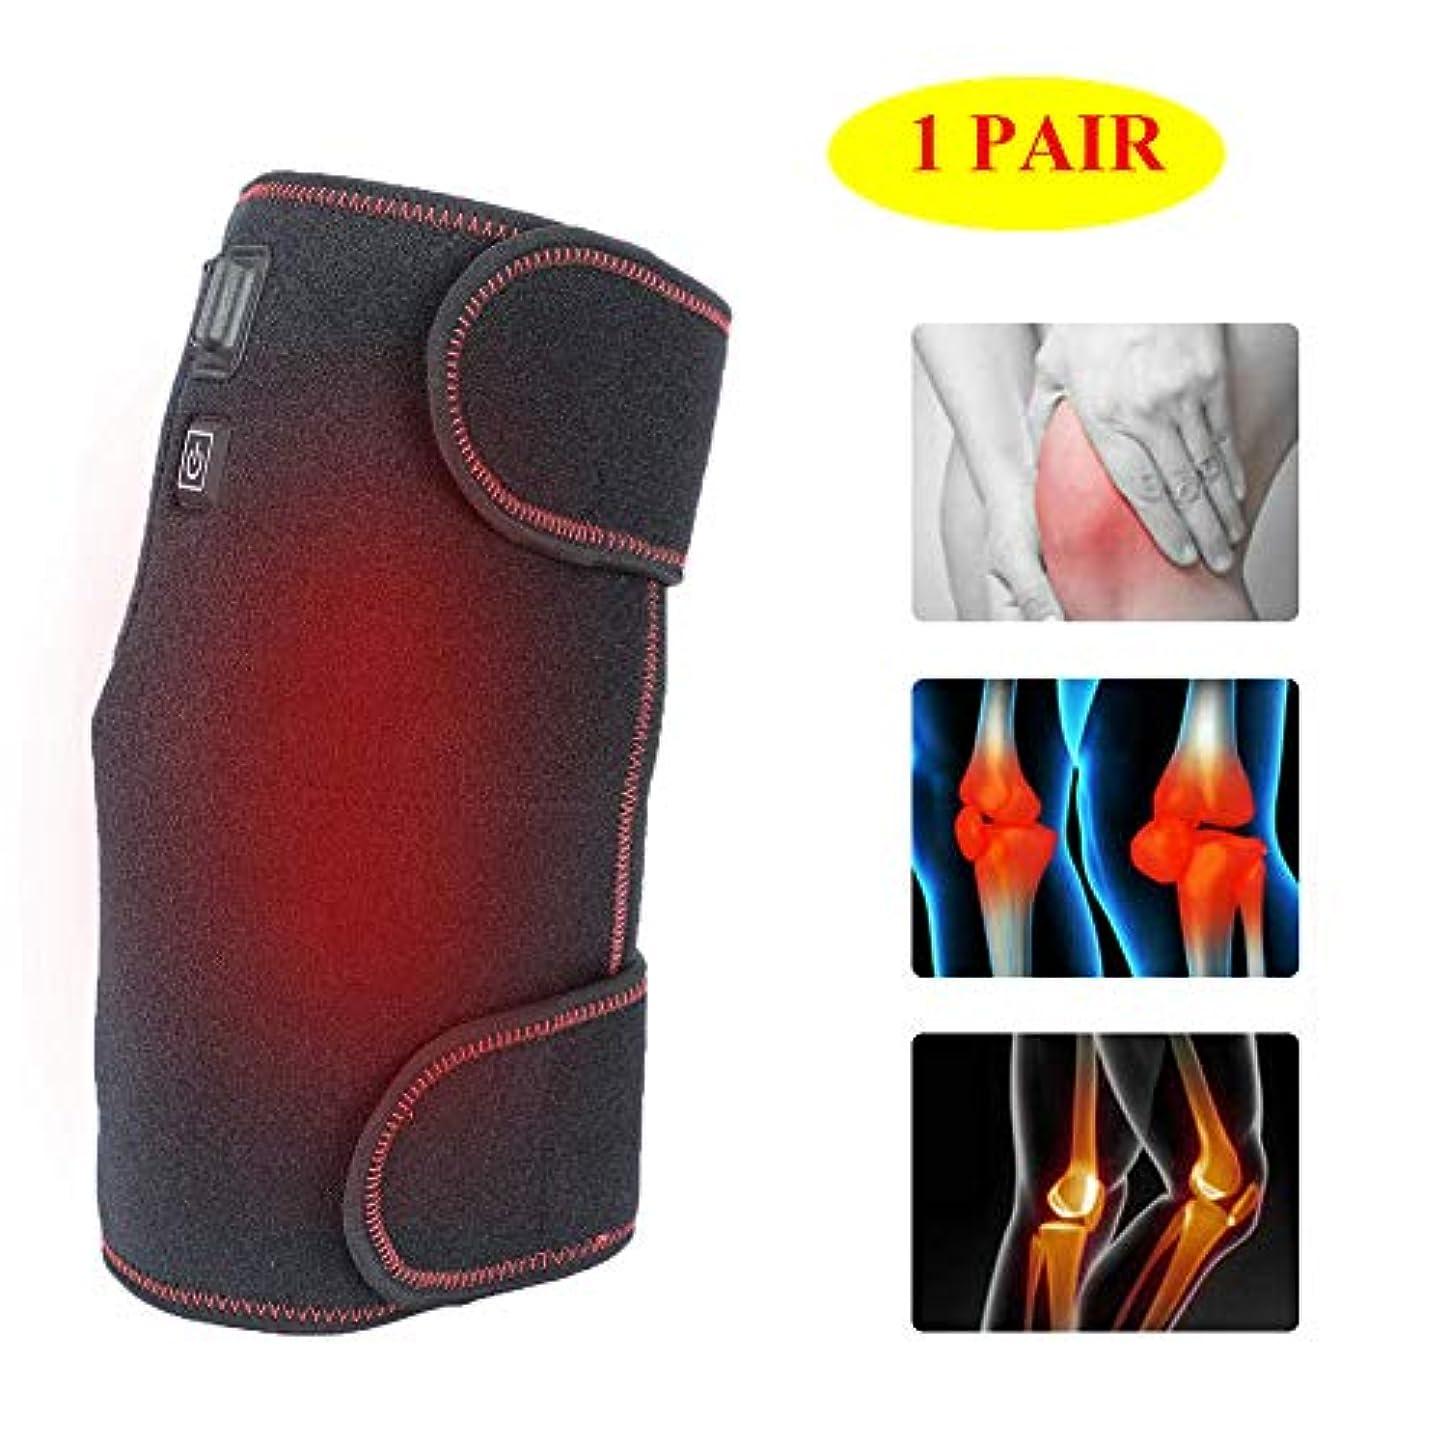 句読点確かなしばしば加熱膝ブレースサポート1ペア - USB充電式膝暖かいラップ加熱パッド - 療法ホット圧縮3ファイル温度で膝の傷害